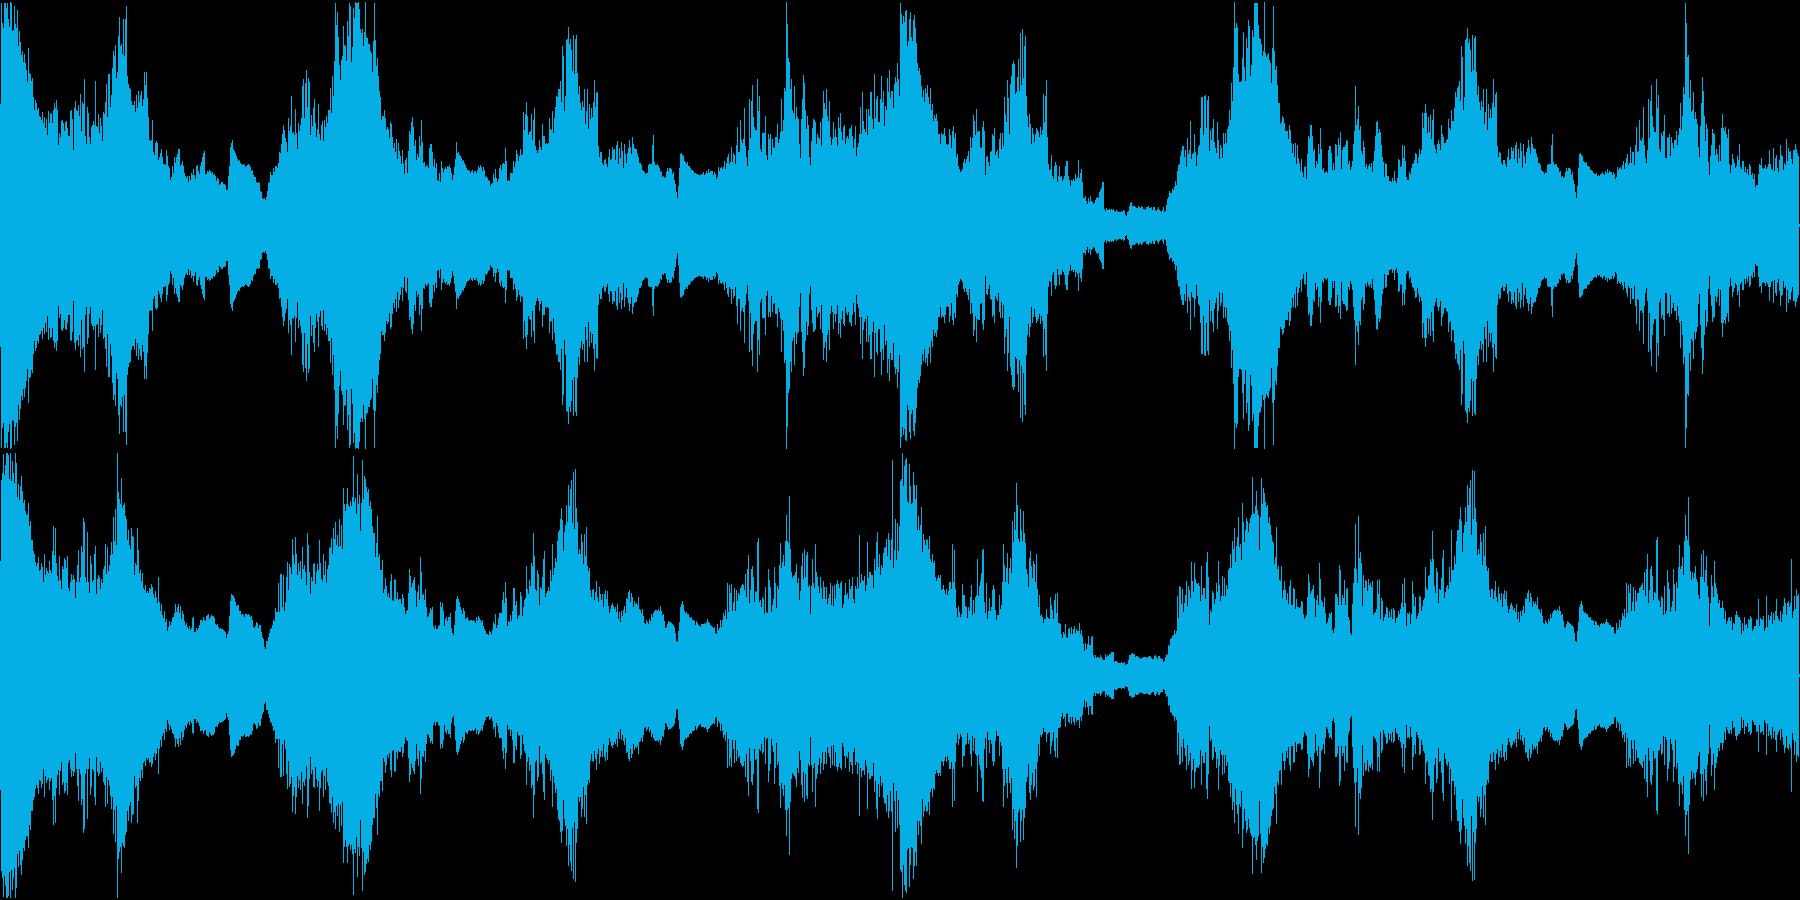 不気味な空間演出に最適のホラーサウンドの再生済みの波形